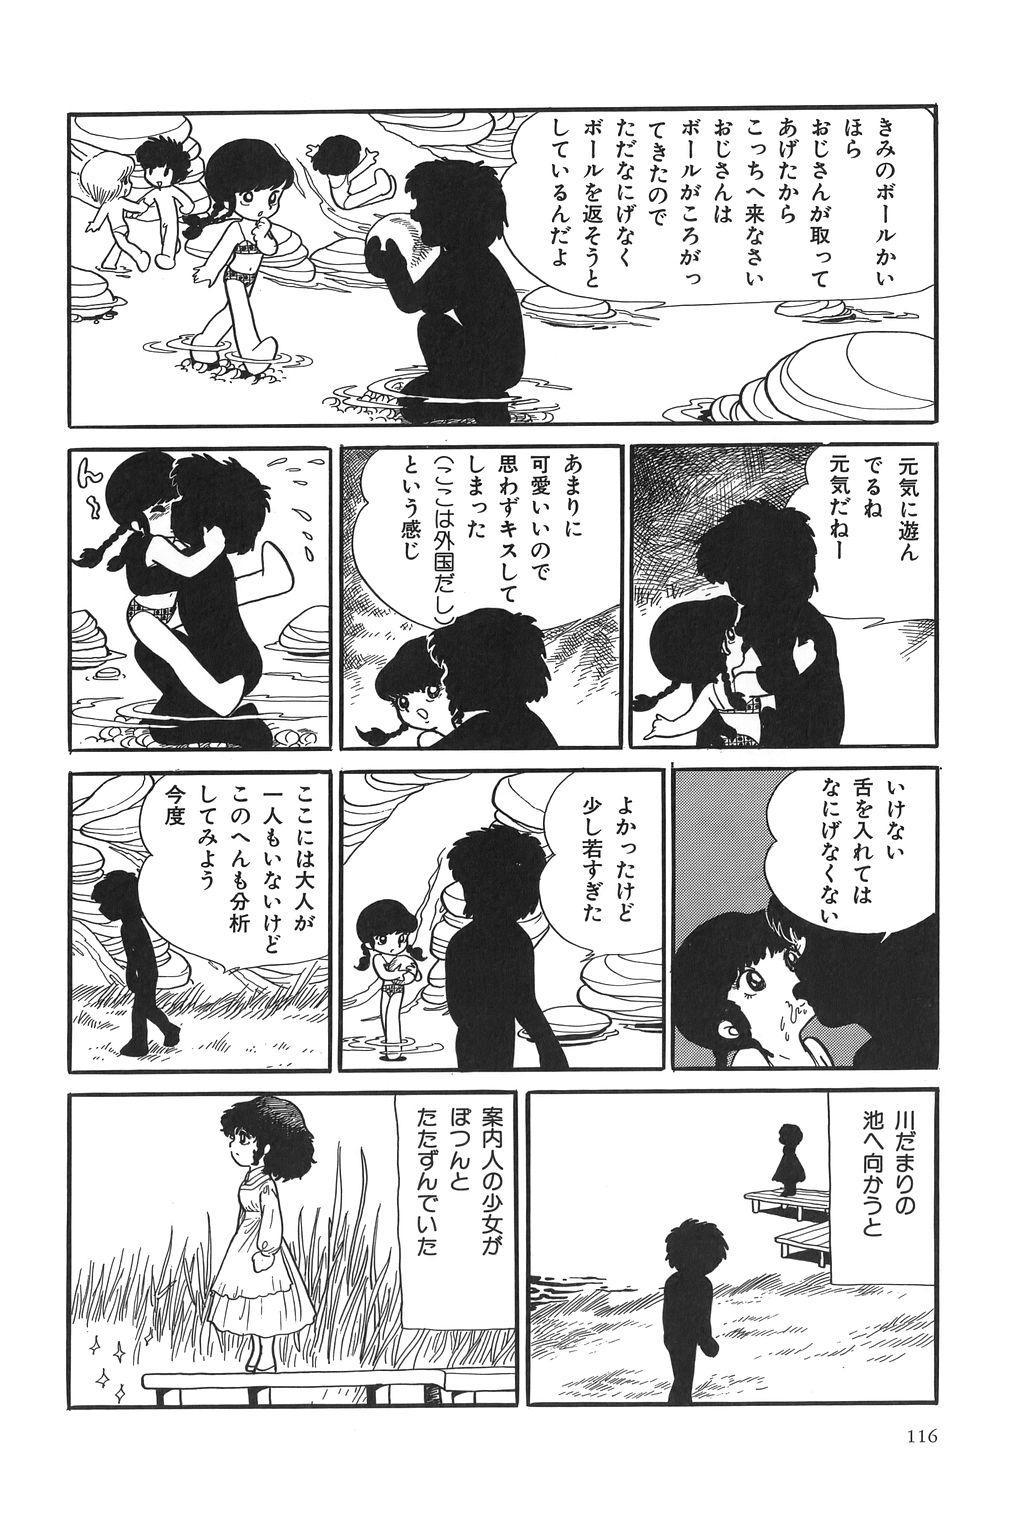 Azuma Hideo Sakuhin Shuusei - Yoru no Tobari no Naka de 118